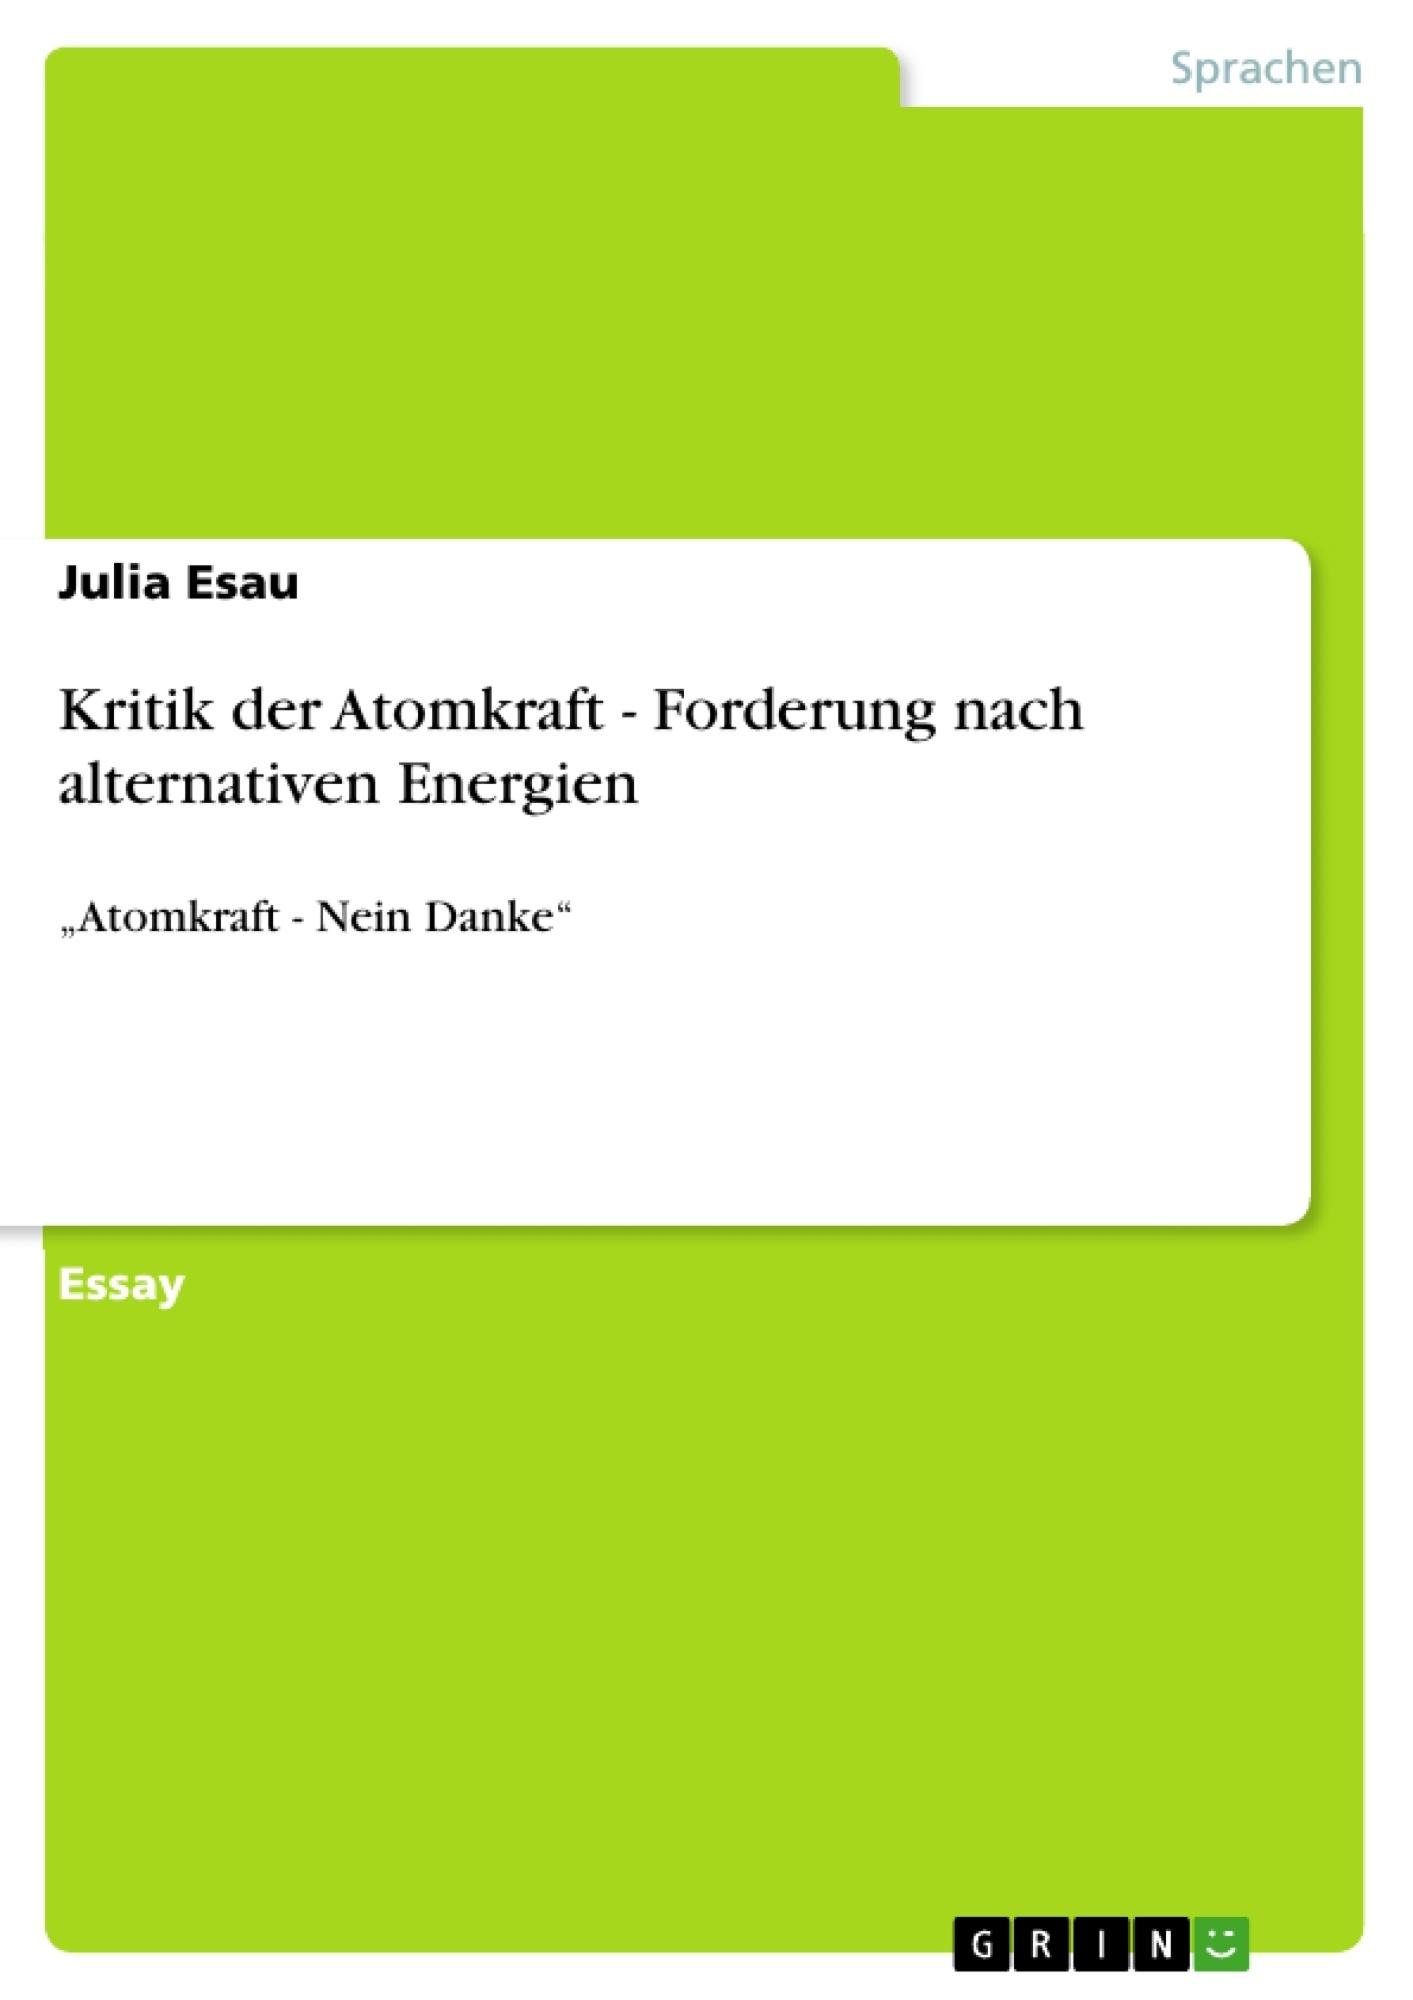 Titel: Kritik der Atomkraft - Forderung nach alternativen Energien